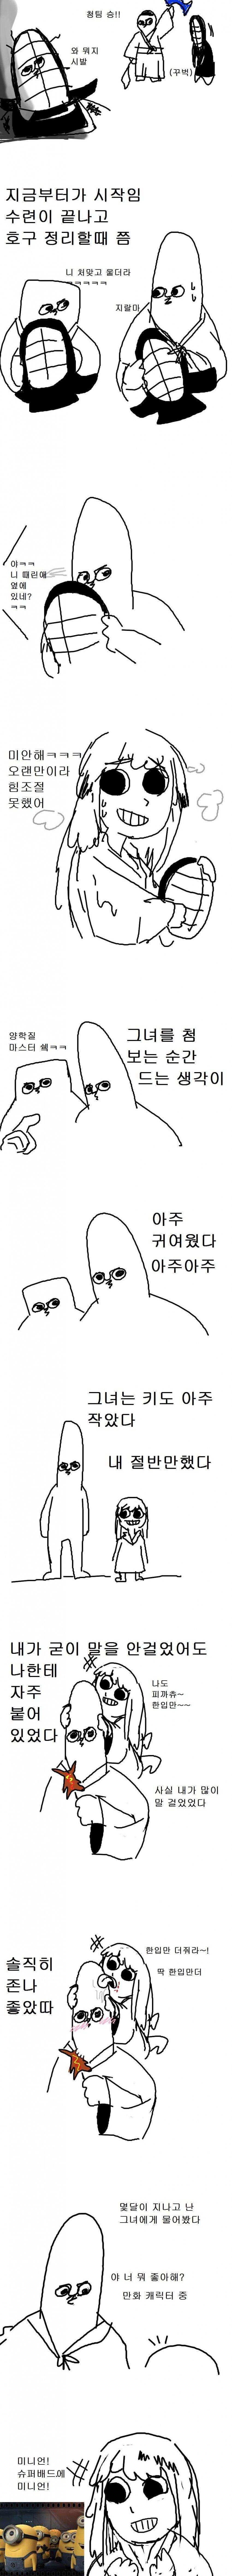 3.jpg (스압) 검도관 여자애 짝사랑했던 만화.manhwa